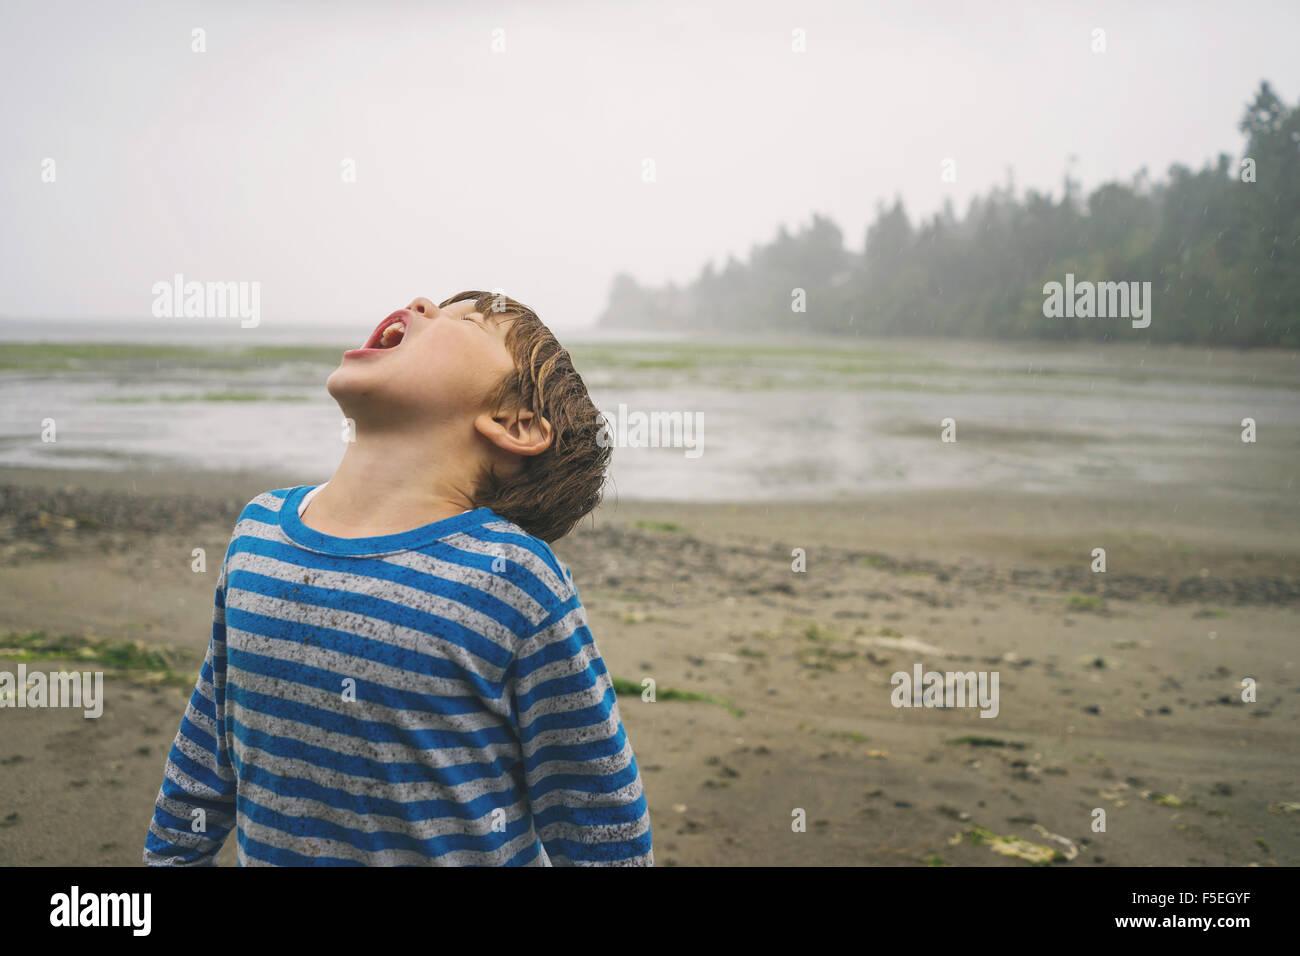 Ragazzo con la testa inclinata indietro la cattura di pioggia in bocca Immagini Stock